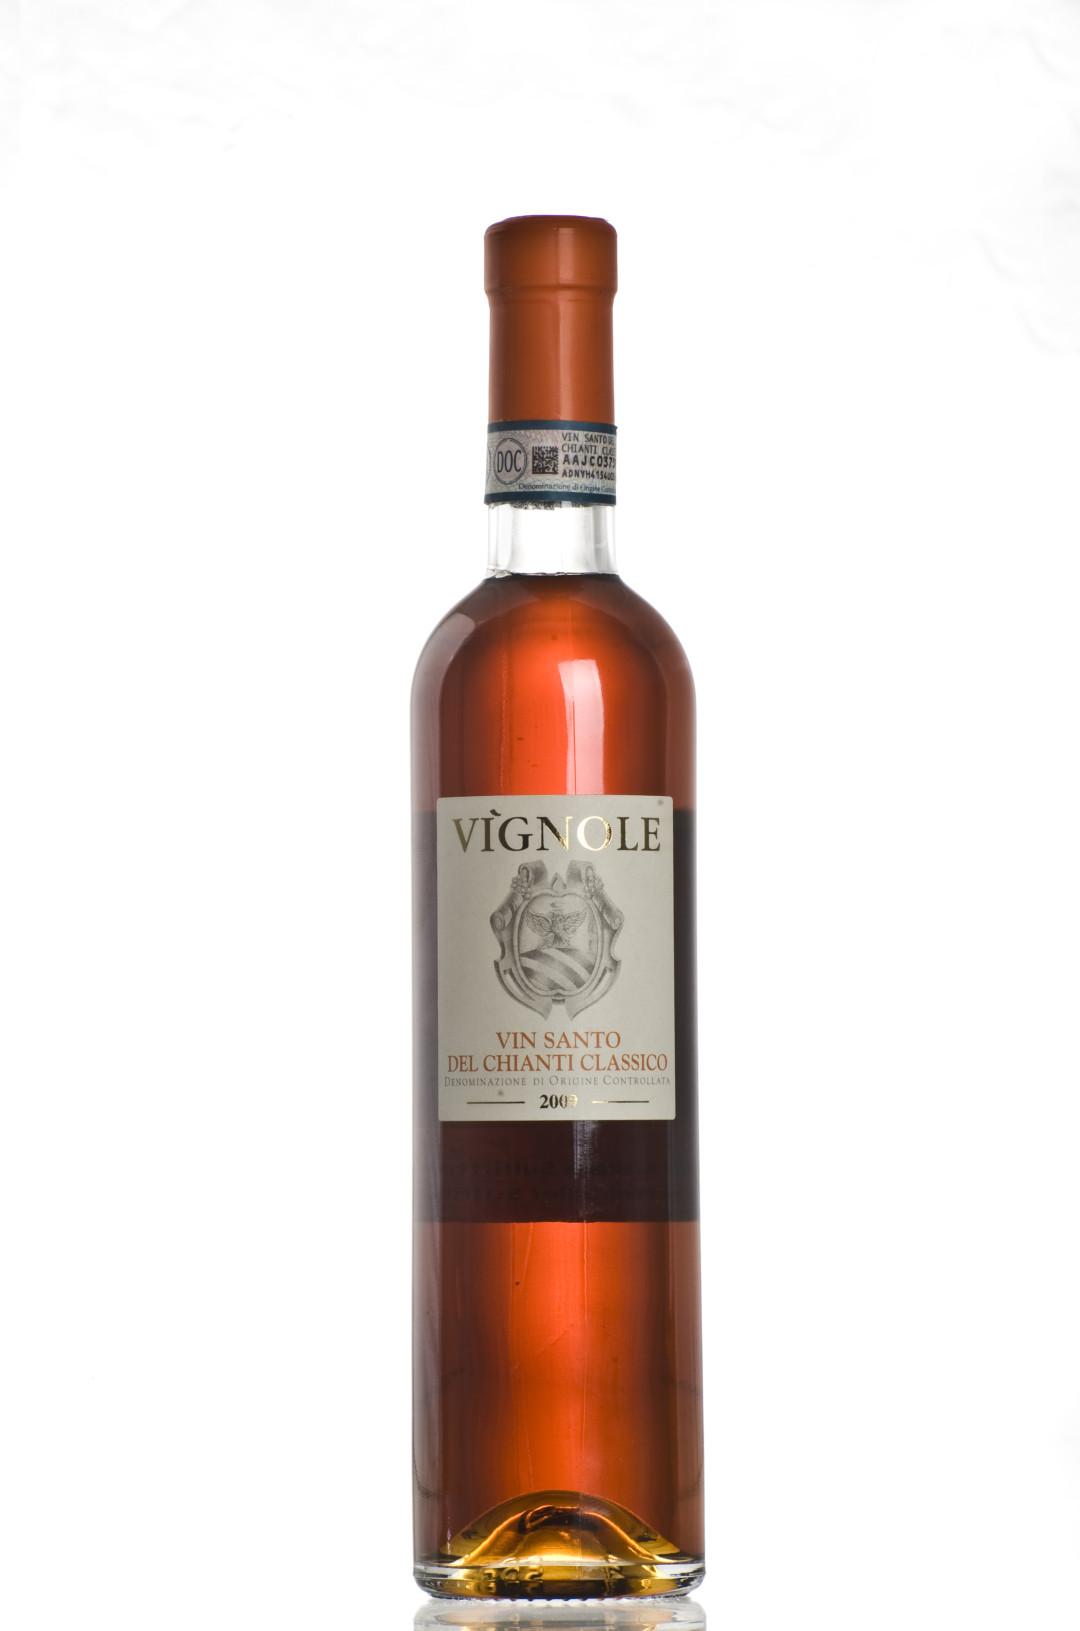 Vignole Vin Santo del Chianti Classico